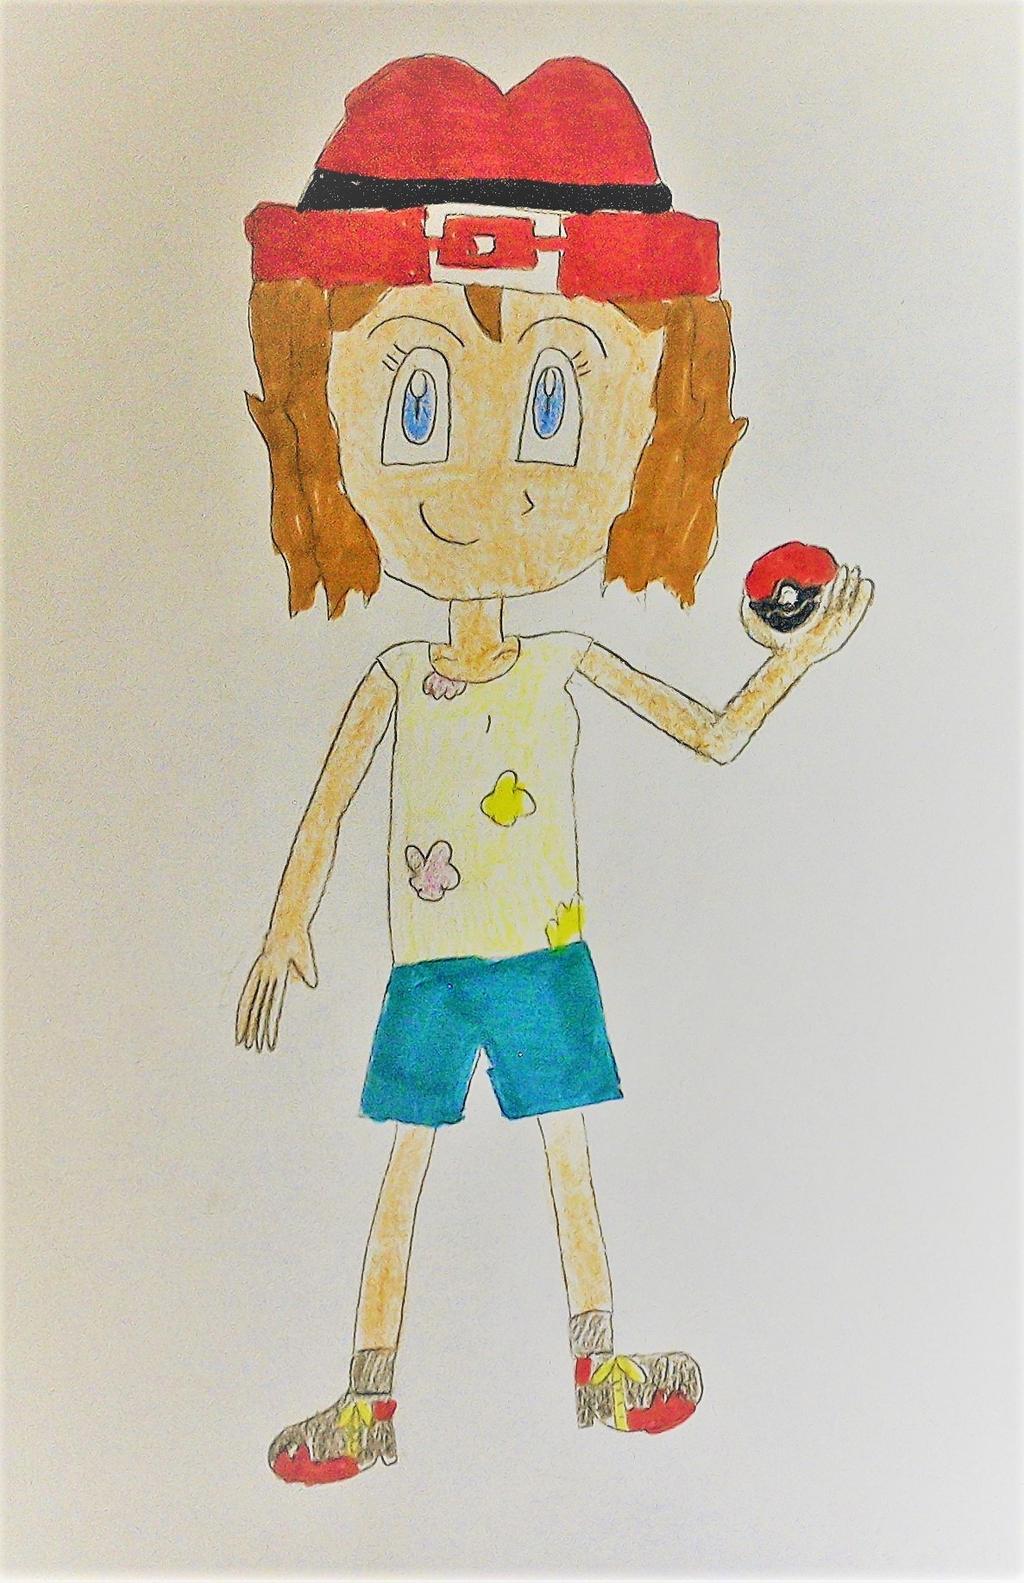 Alolan Serena (My design) by SuperSmash6453